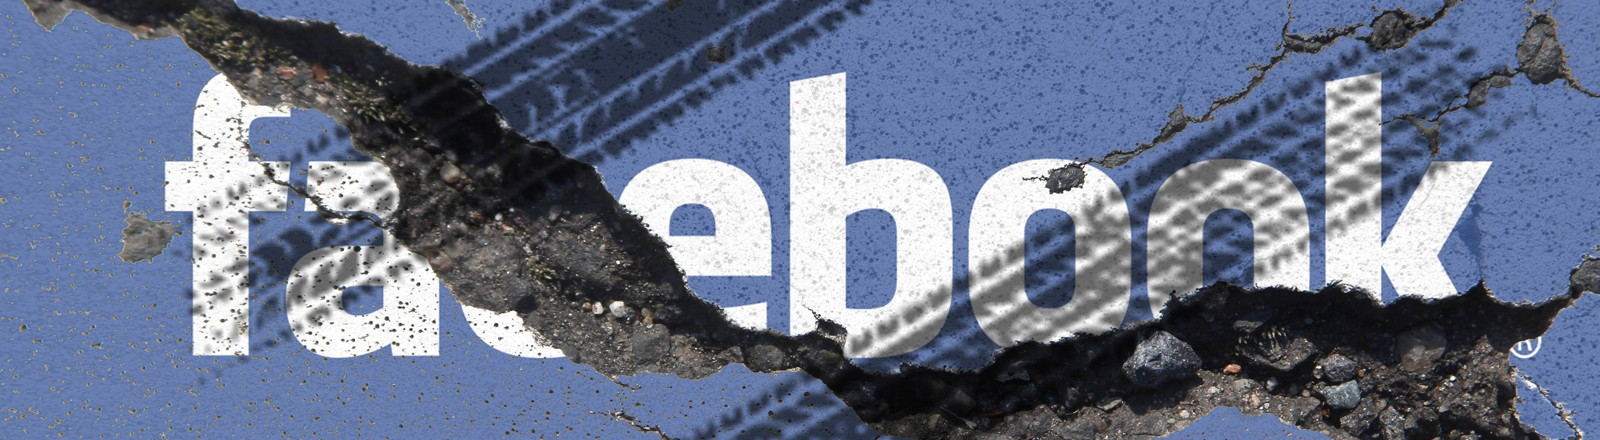 Der Facebook-Schriftzug vor einer rissigen blauen Wand, über dem Logo auch Reifenspuren